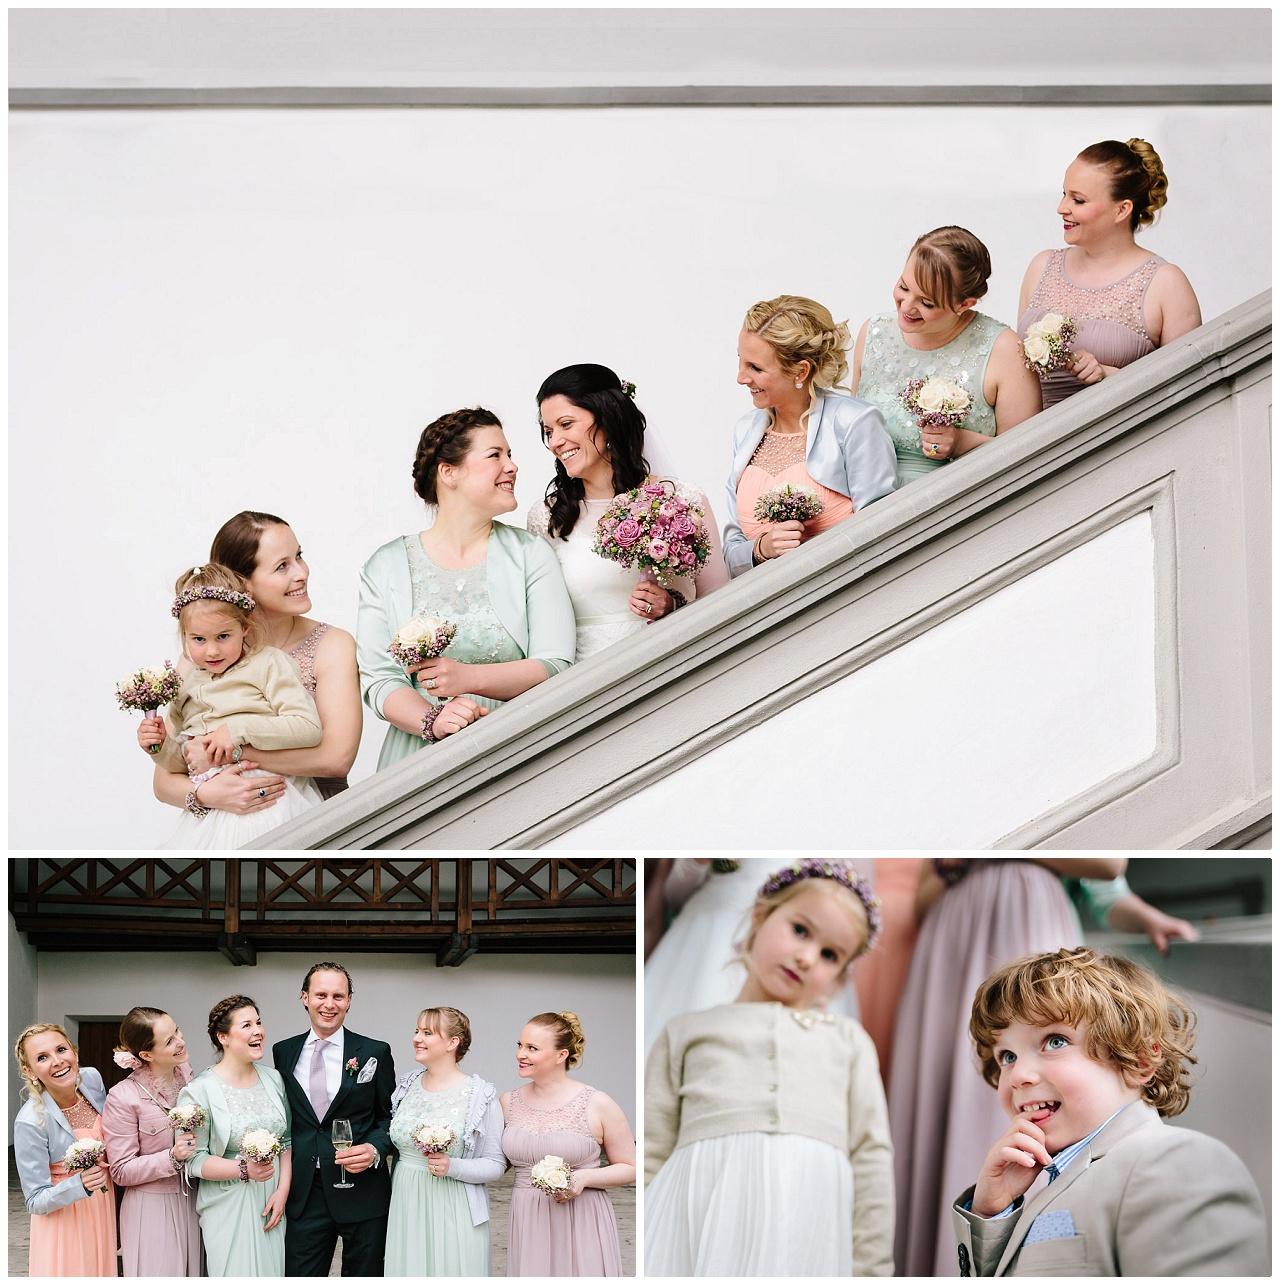 Hochzeitsfotograf Attersee Hochzeit Michaela und Andreas 17